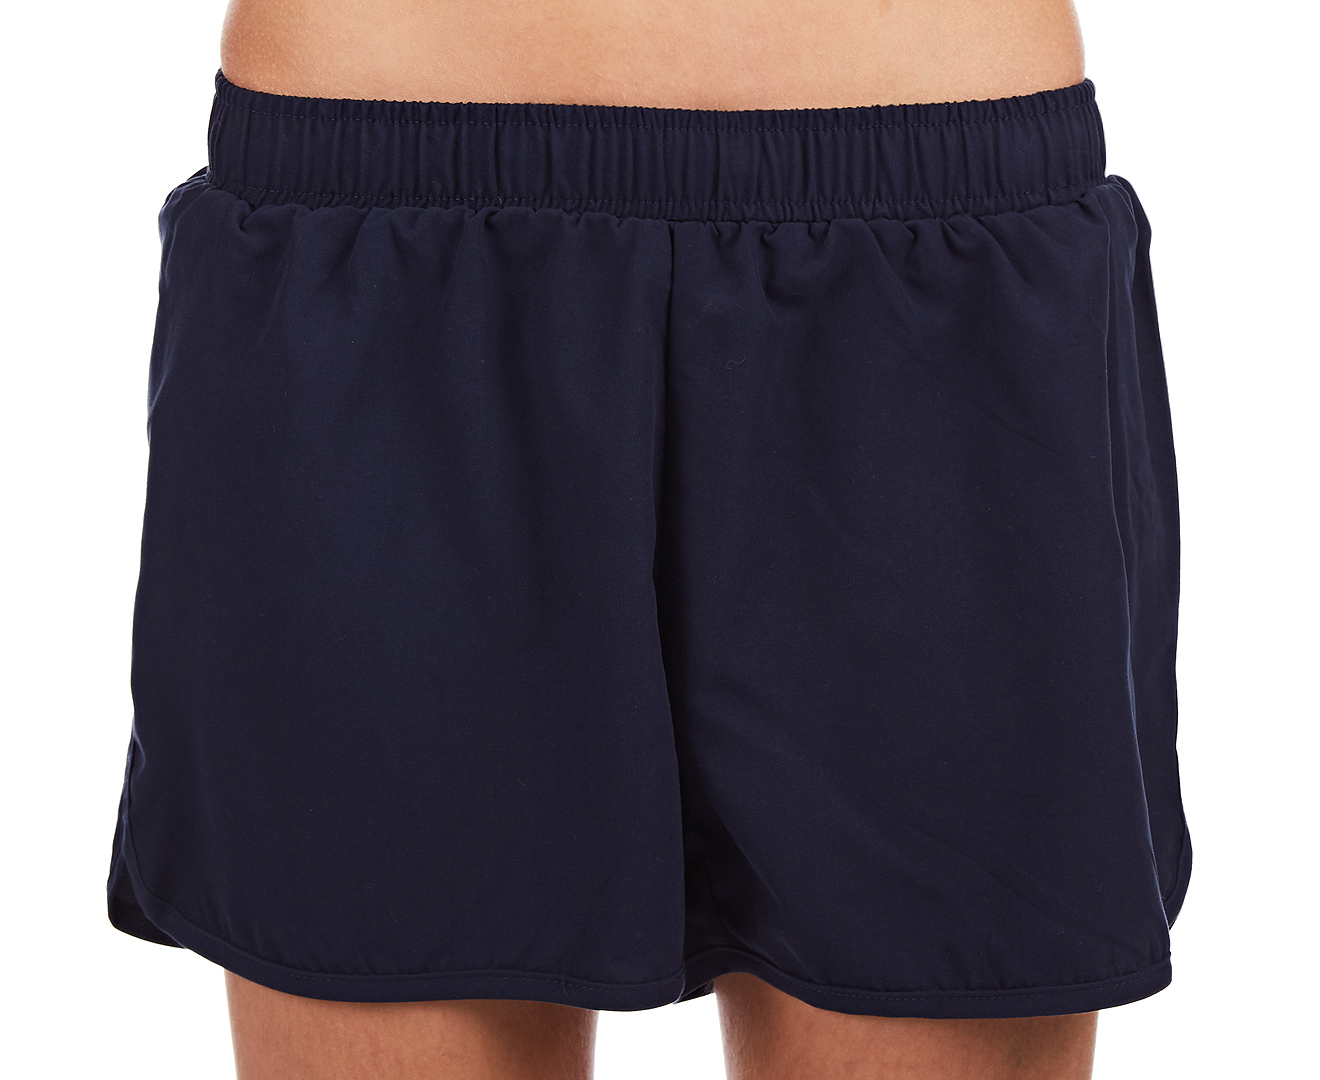 Russell Athletic Women S Running Short Navy Blue